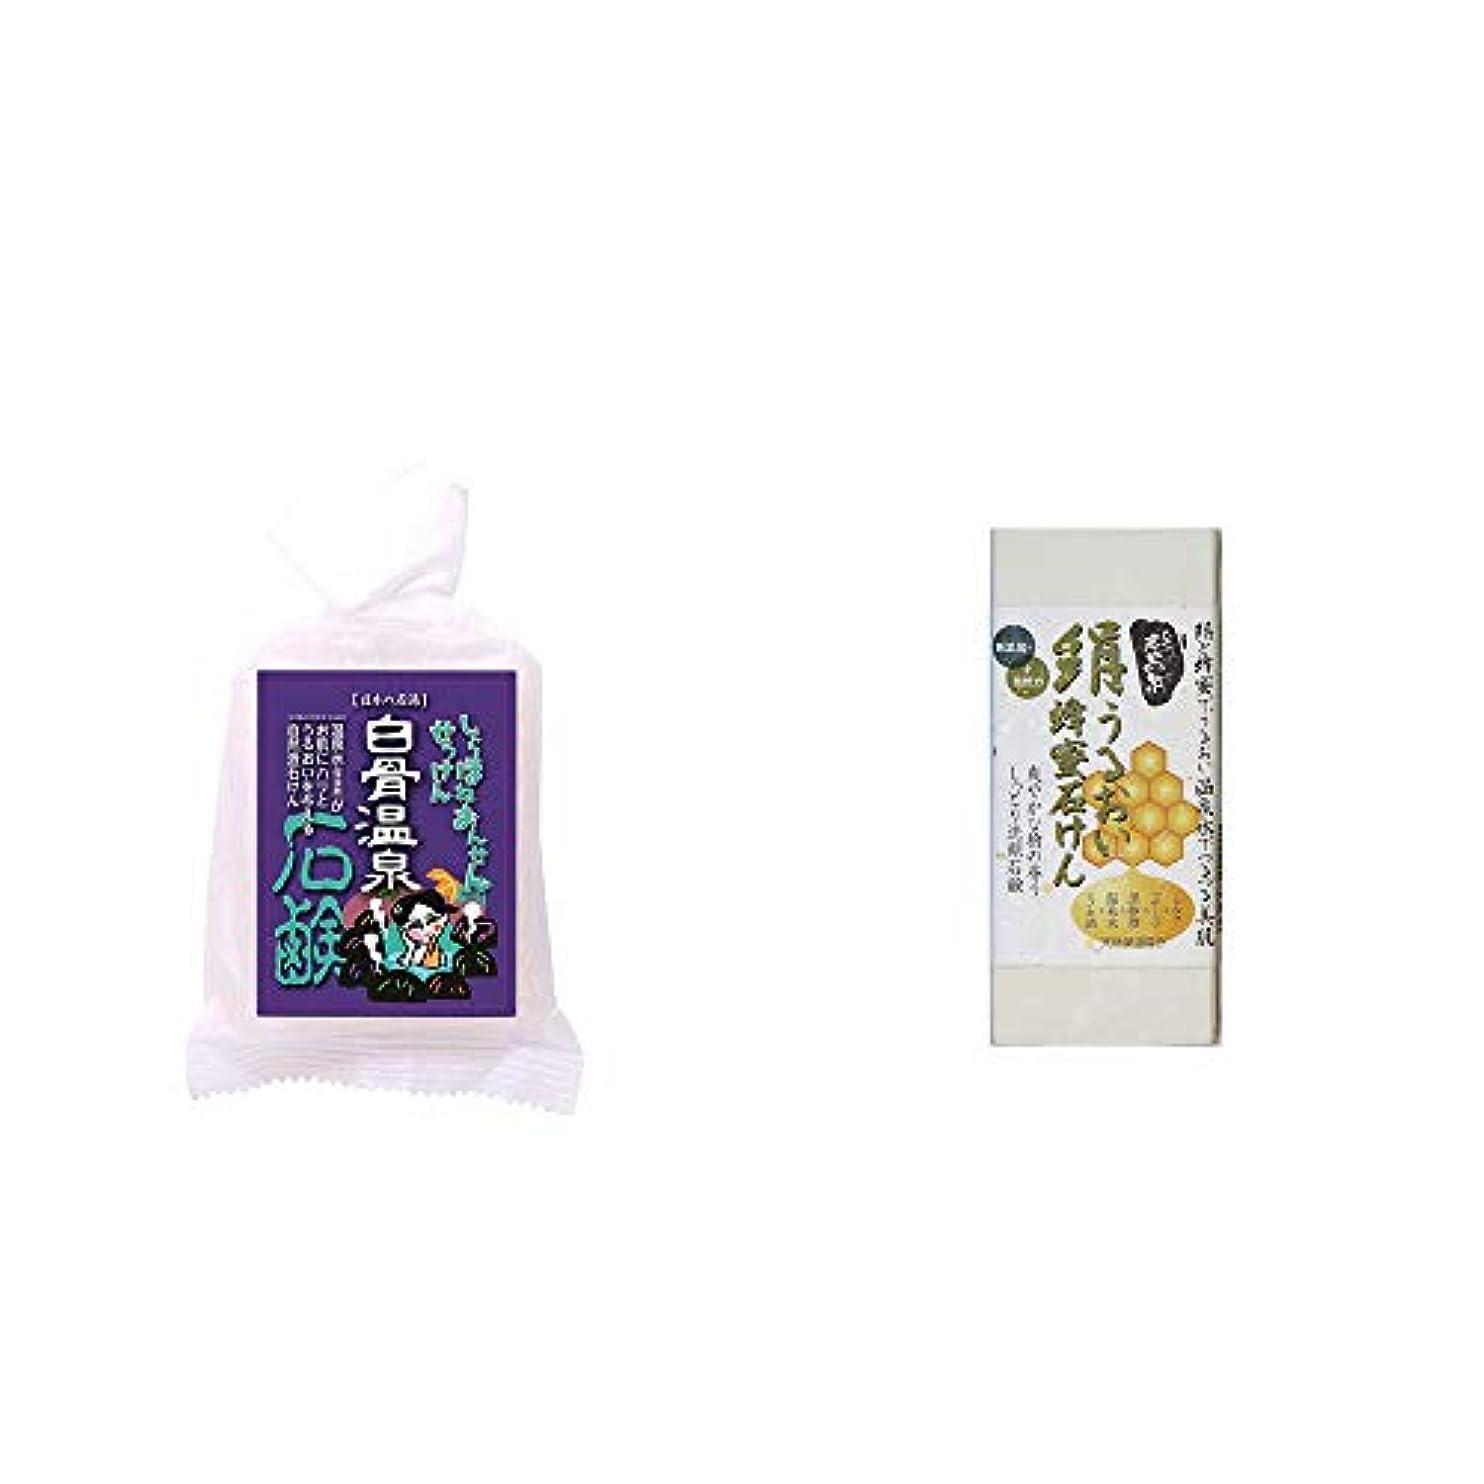 褒賞愛情深い意欲[2点セット] 信州 白骨温泉石鹸(80g)?ひのき炭黒泉 絹うるおい蜂蜜石けん(75g×2)